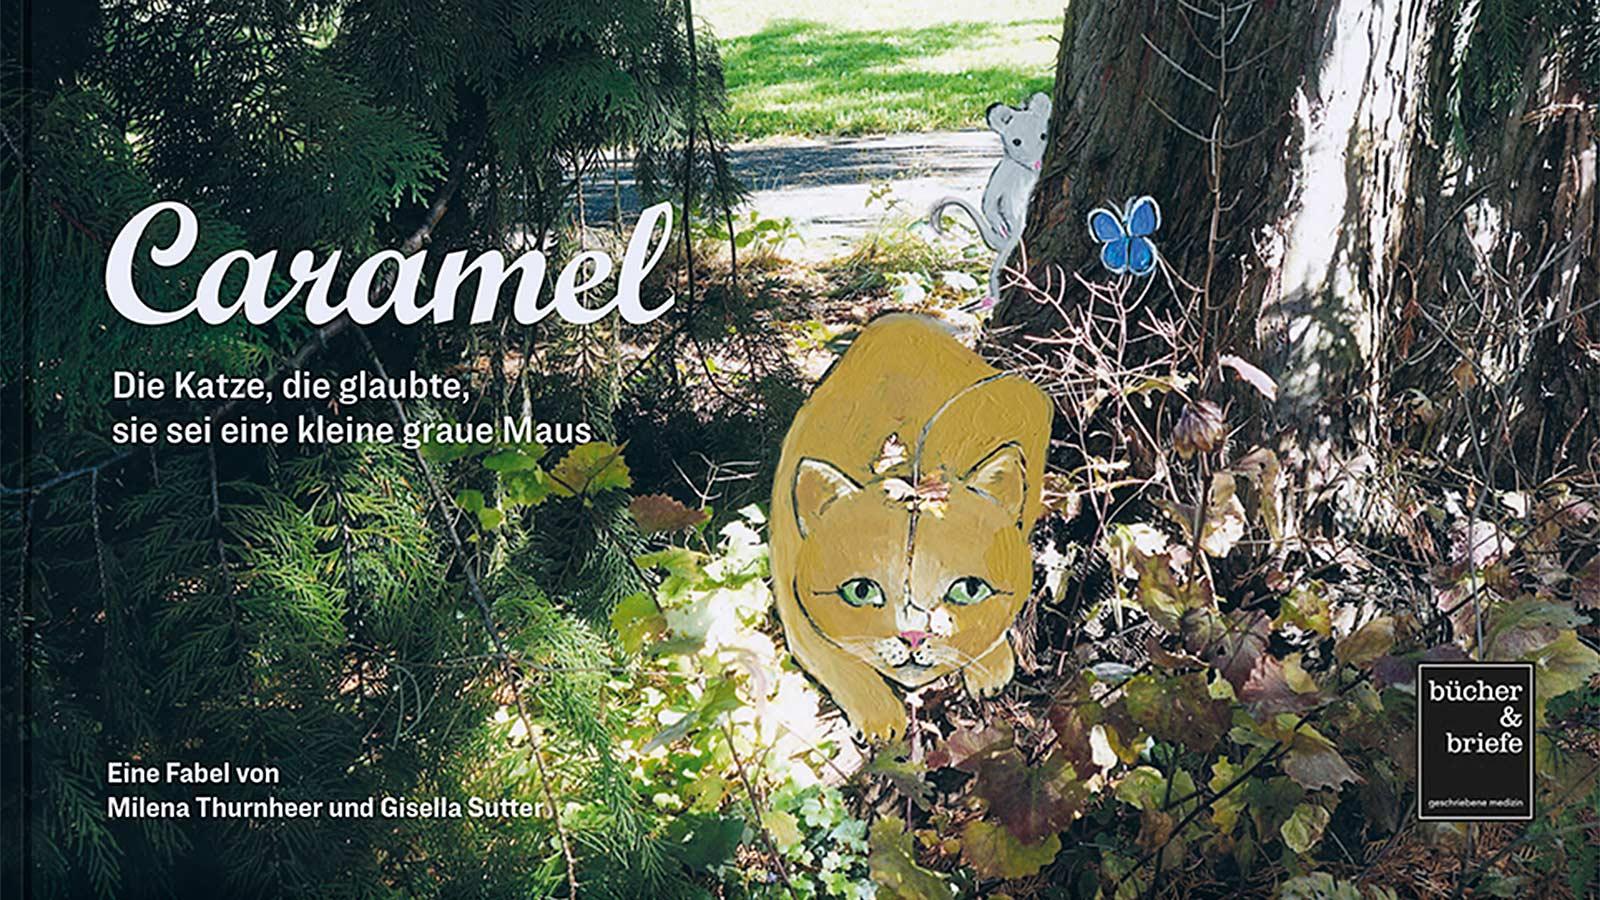 Kinderbuch Caramel - Die Katze, die glaubte, sie sei eine kleine graue Maus